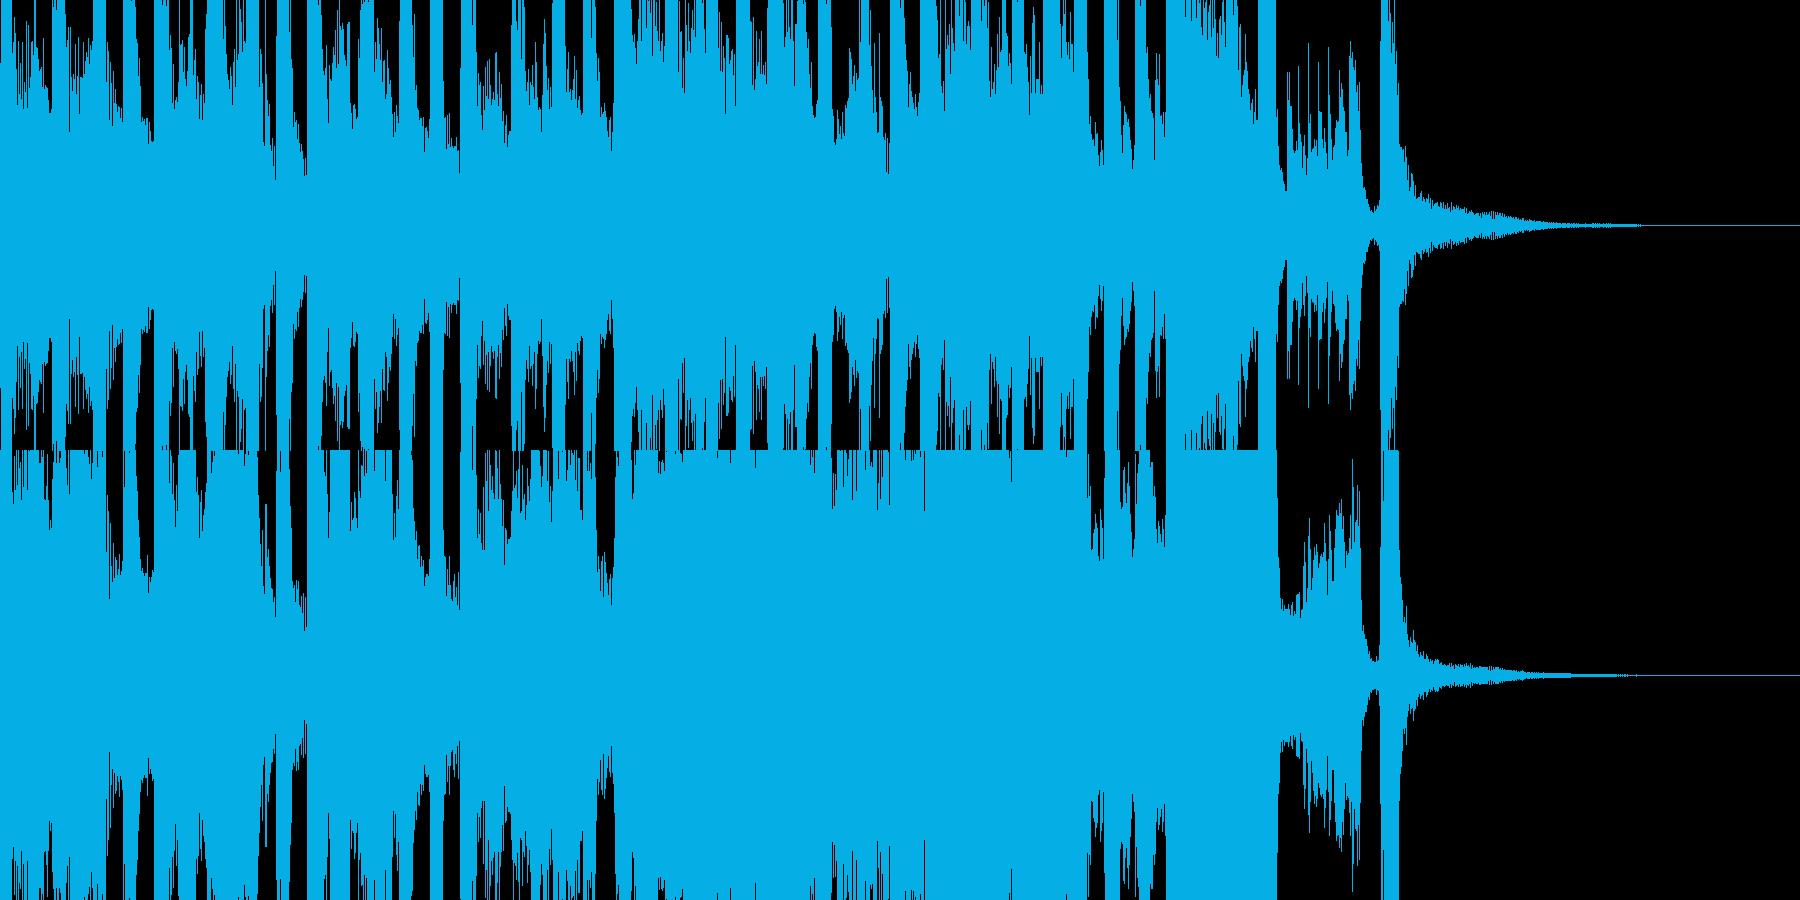 ファンタジーで不思議な絵本的ワルツ 短編の再生済みの波形